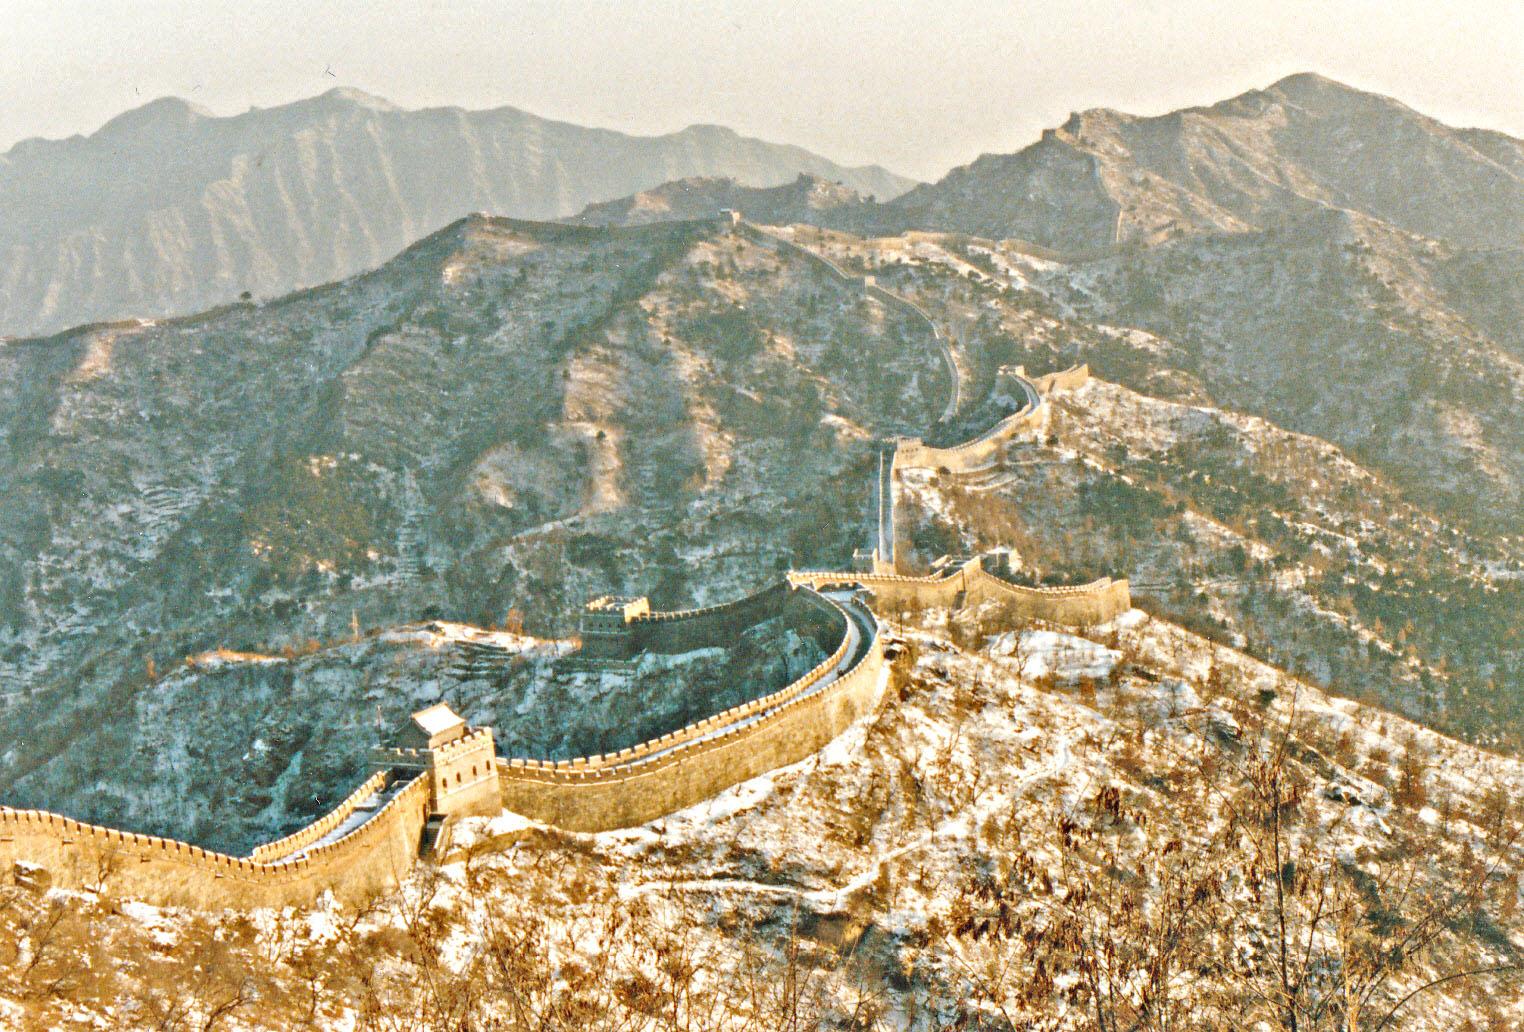 Aufnahme von 1987, Great Wall